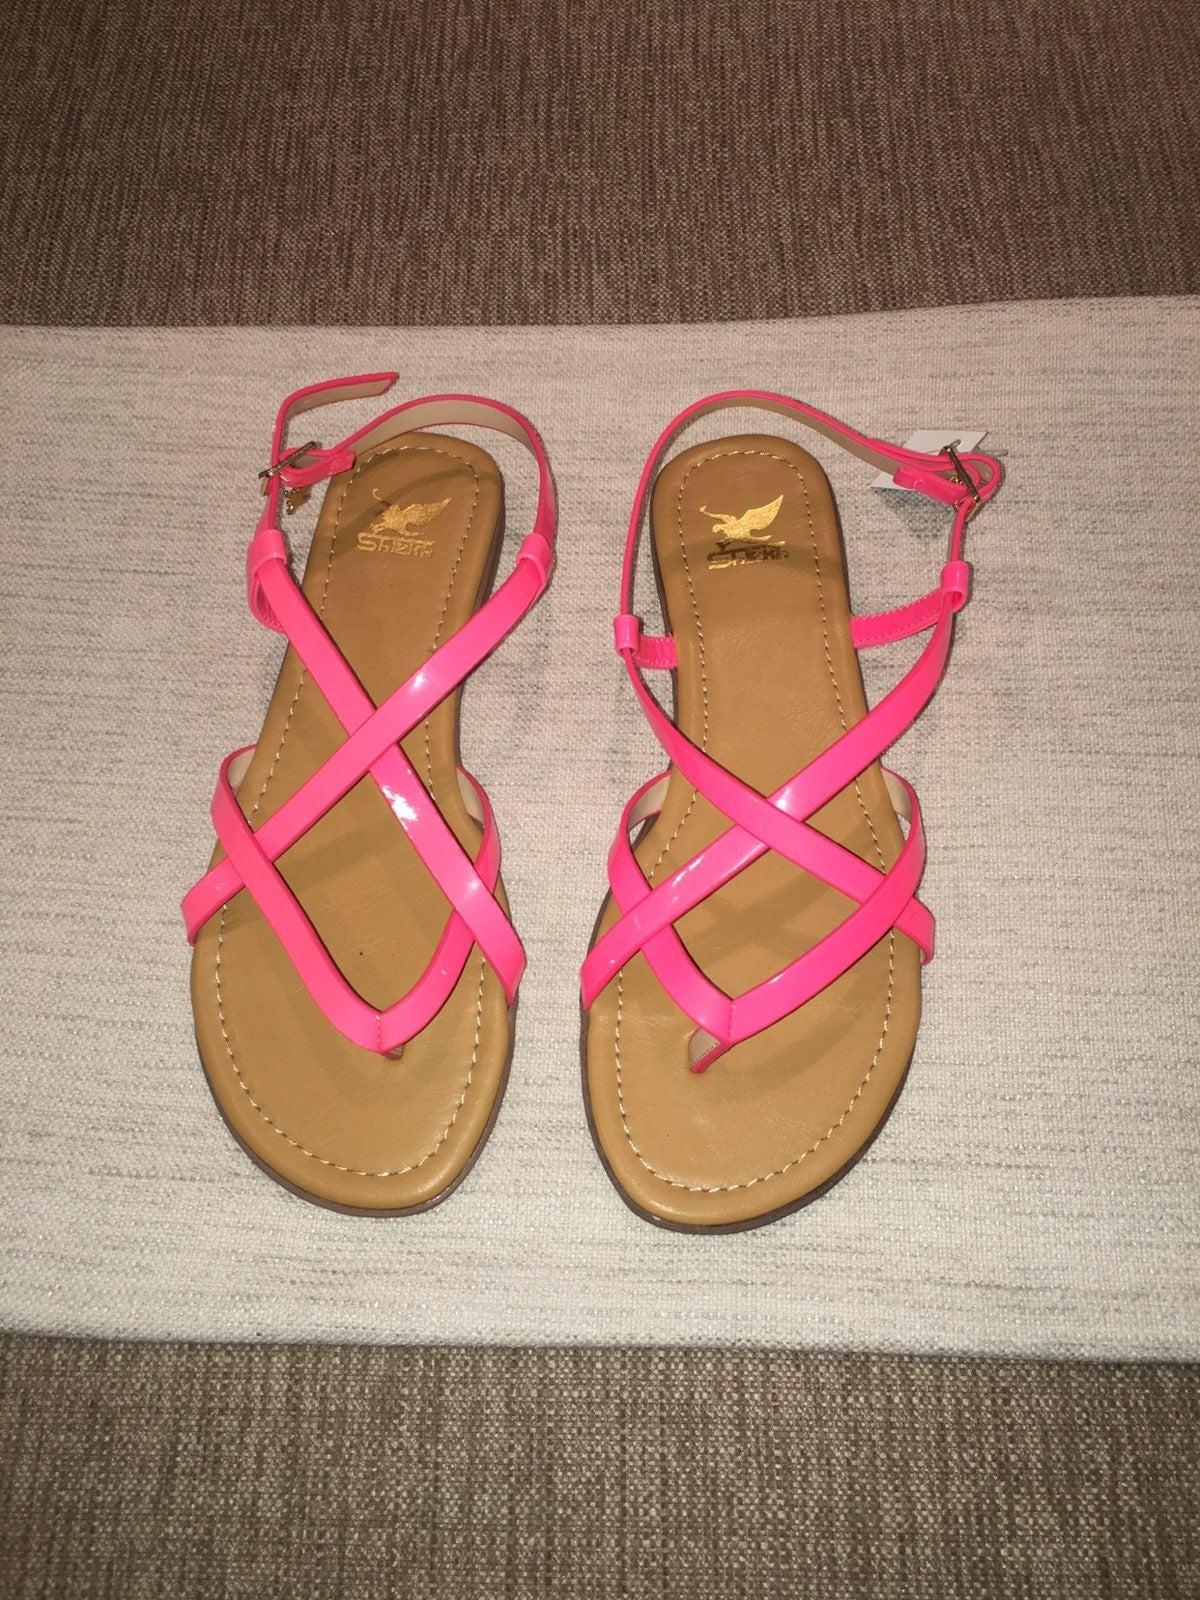 Hot Pink Neon Sandals